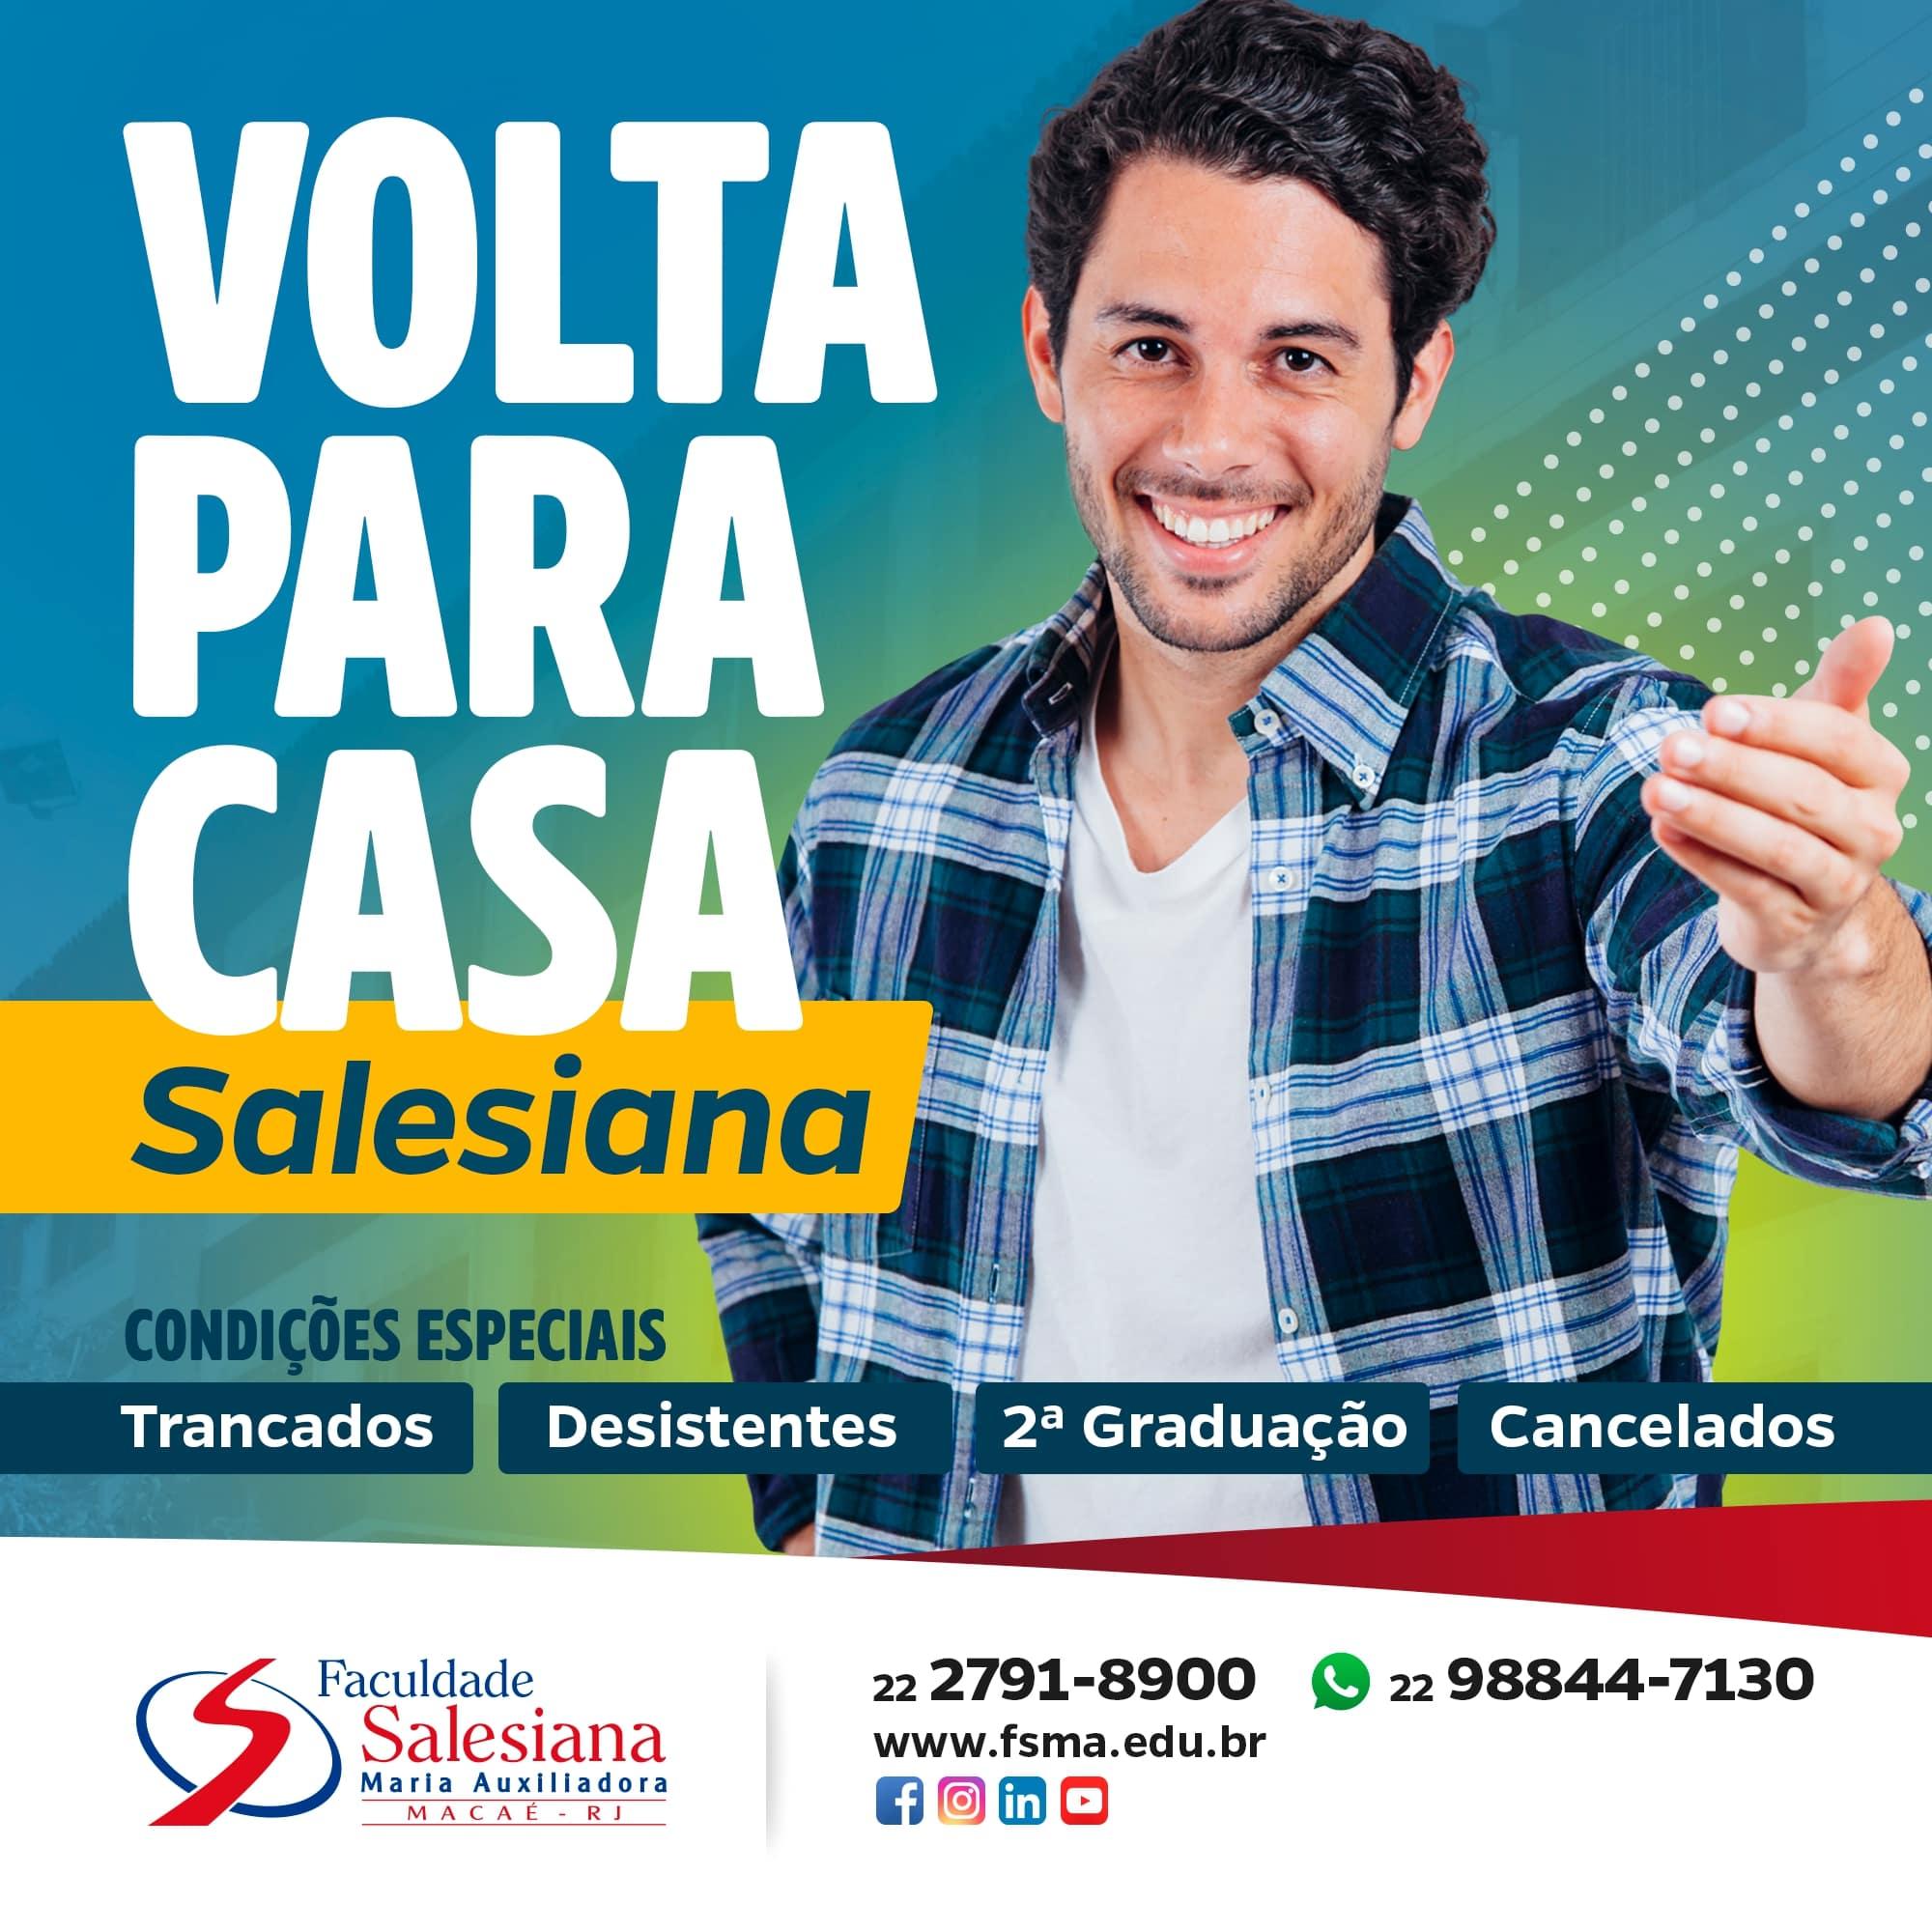 """""""Volta Para Casa Salesiana"""" oferece condições especiais"""